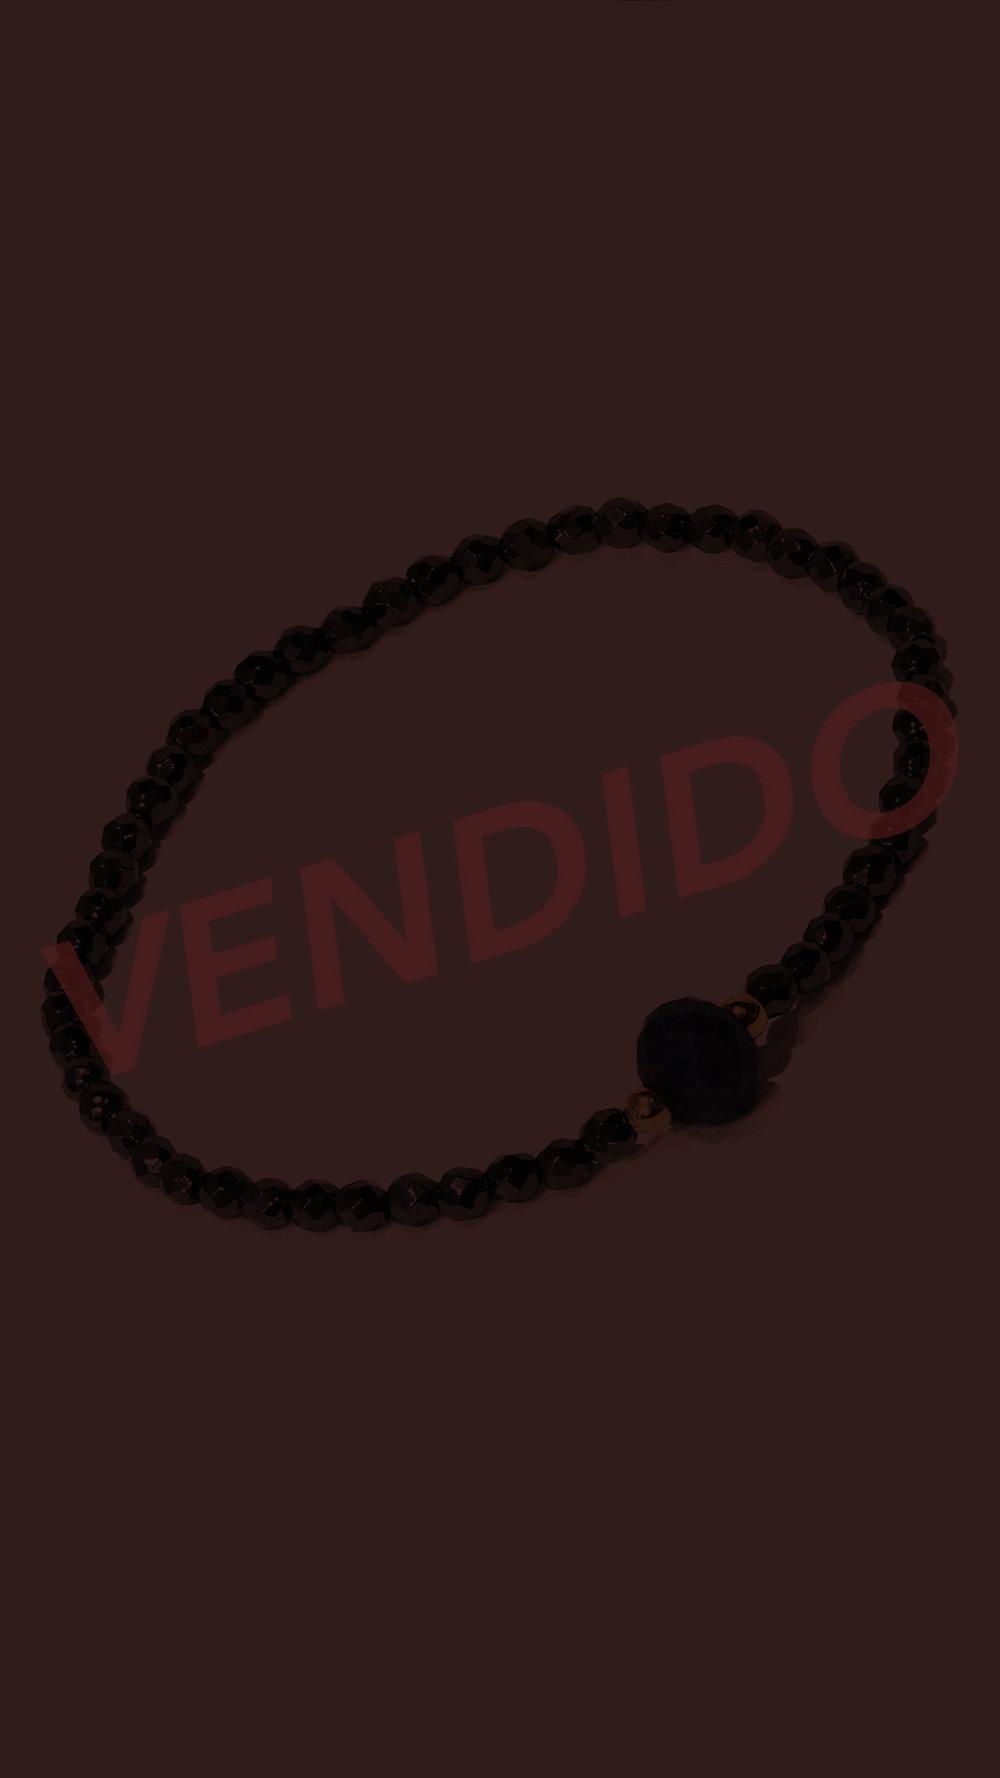 VENDIDO 3.jpg